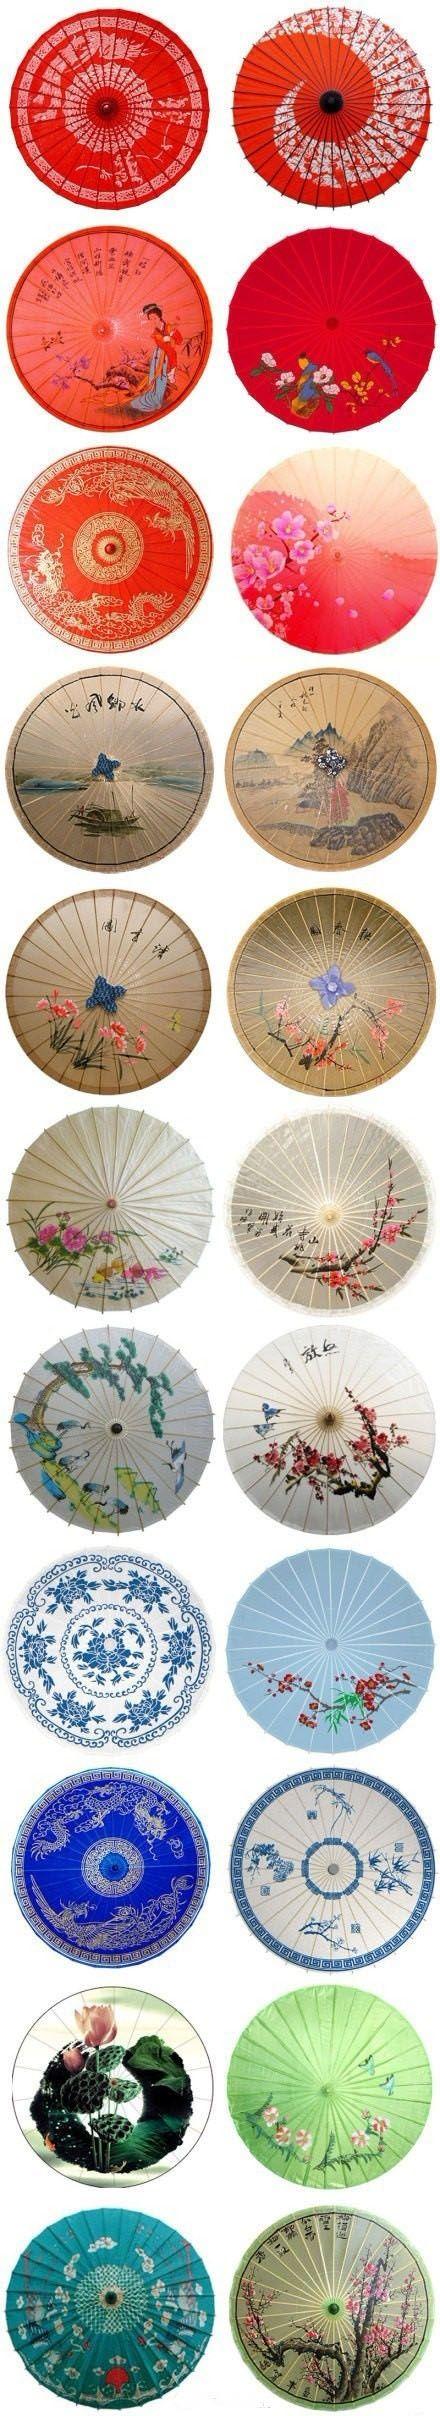 Handmade umbrellas - Japan | Learn Japanese http://eurotalk.com/en/store/learn/japanese